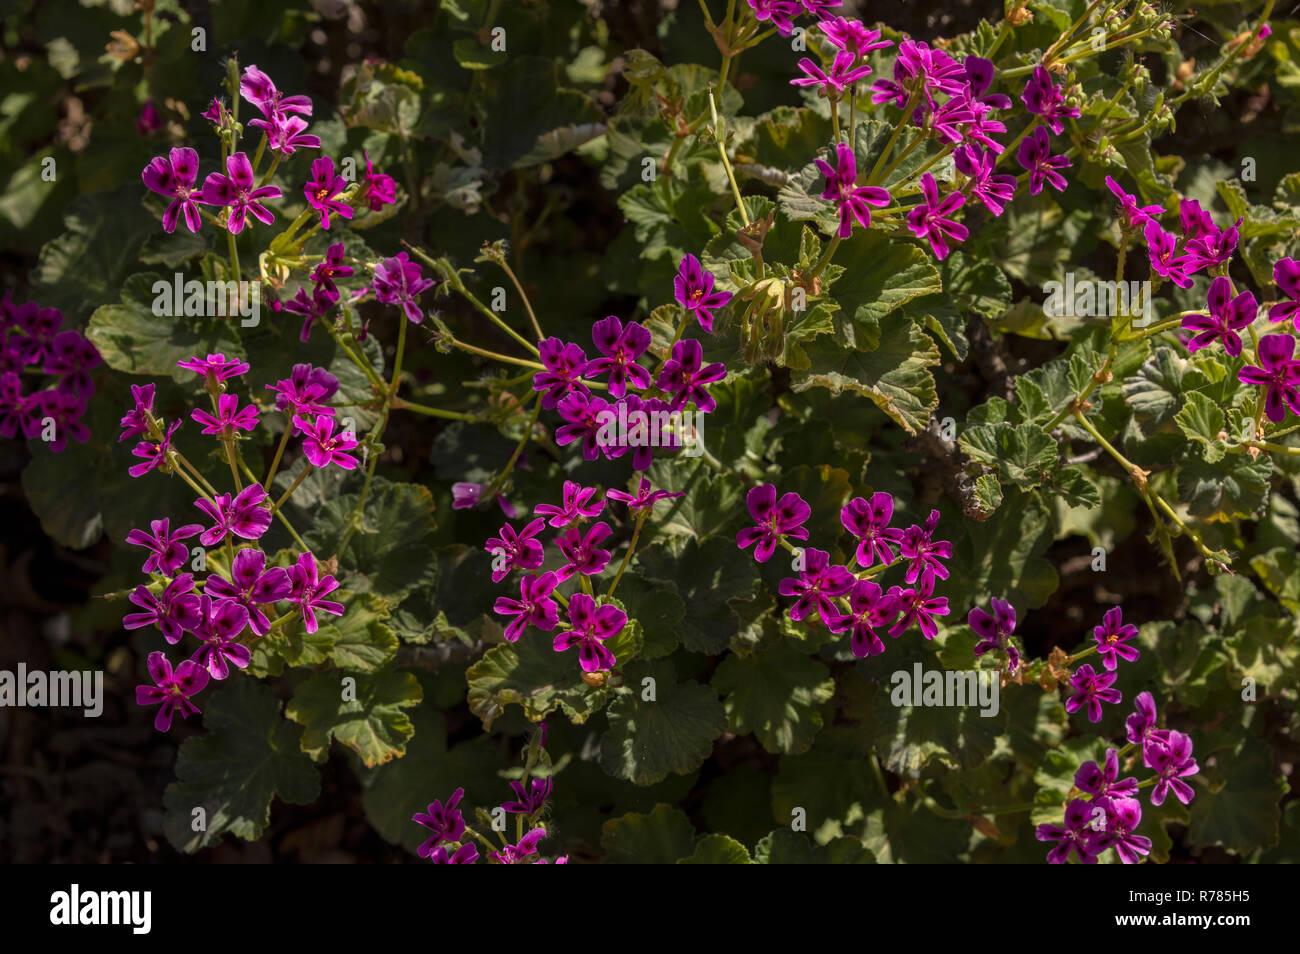 Magenta-flowered pelargonium, Pelargonium magenteum, in flower, Namaqualand, South Africa. - Stock Image